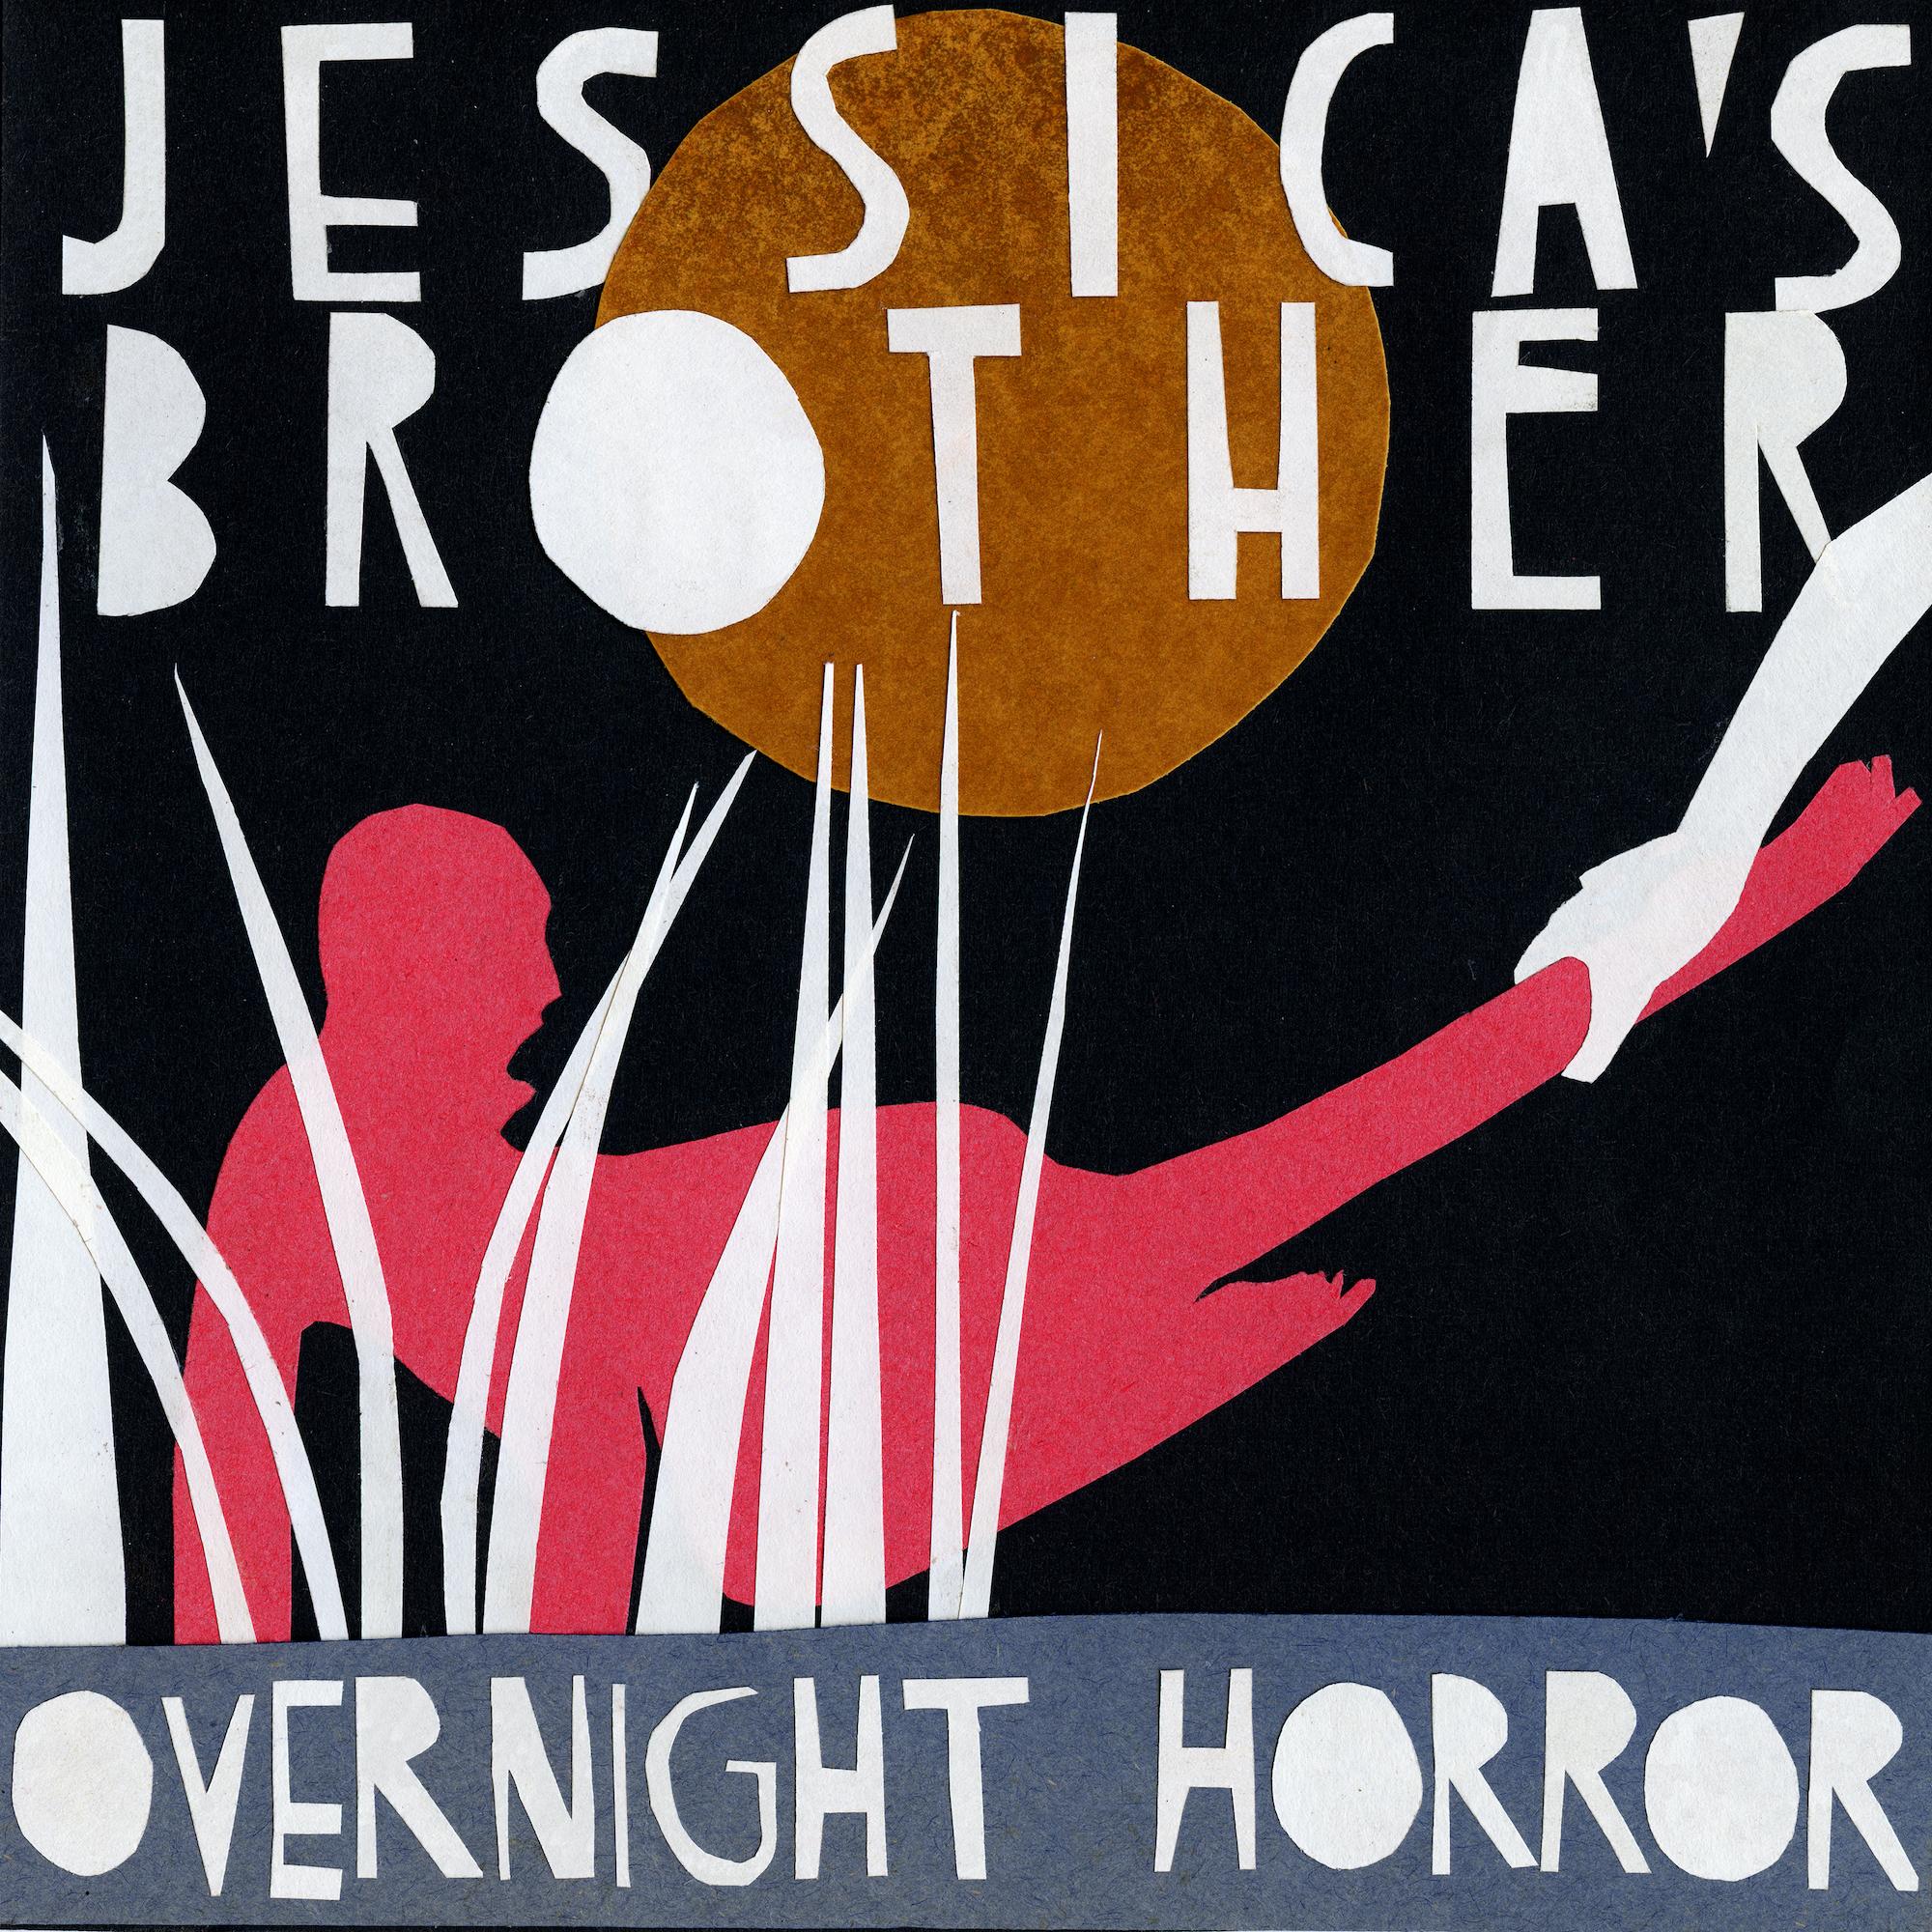 Jessica's Brother - Overnight Horror 2kx2k